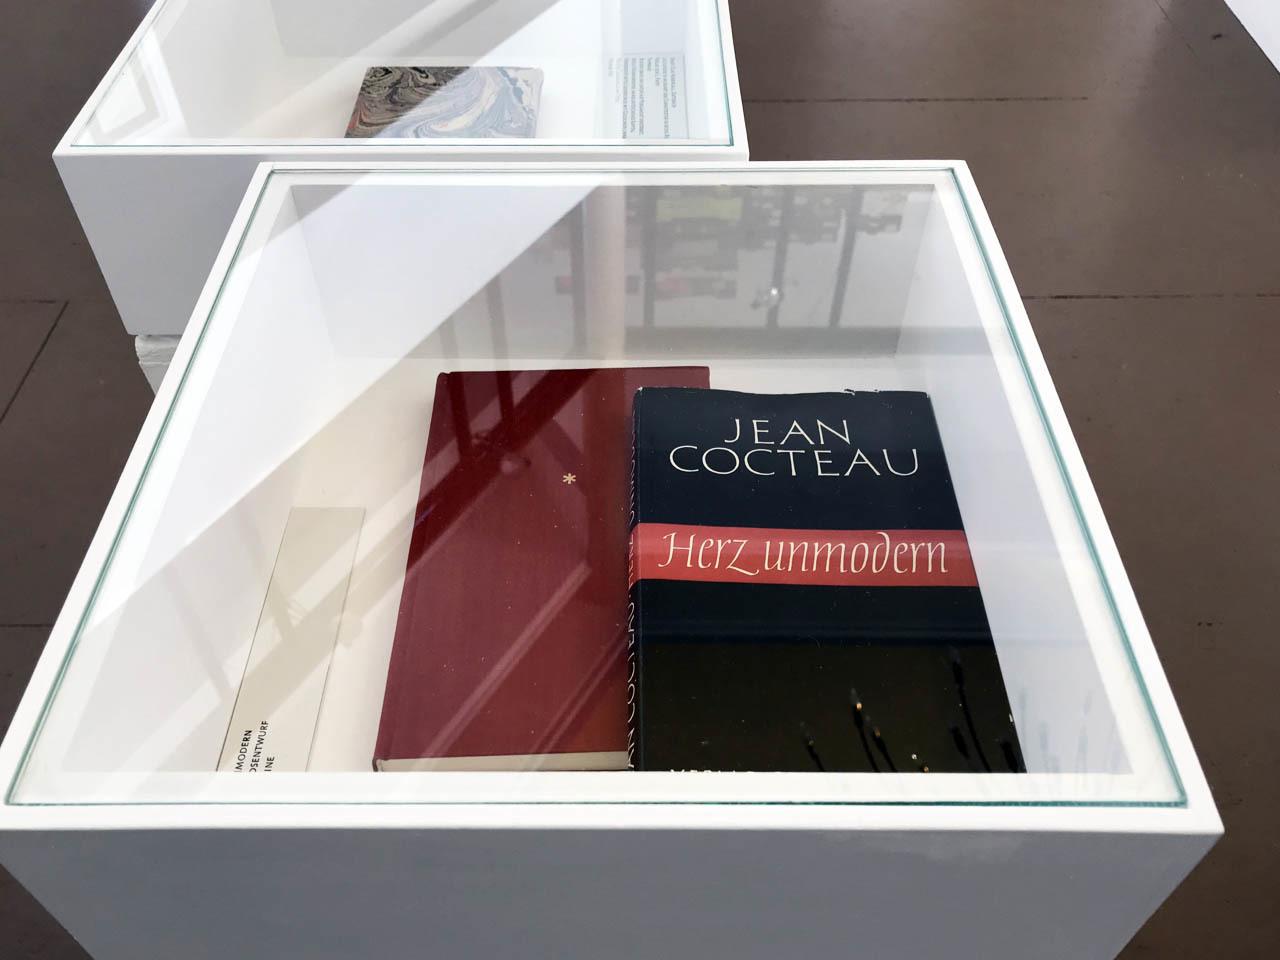 グドルン・ツァップさんの展覧会、ダルムシュタットで4月15日まで_e0175918_02582592.jpg